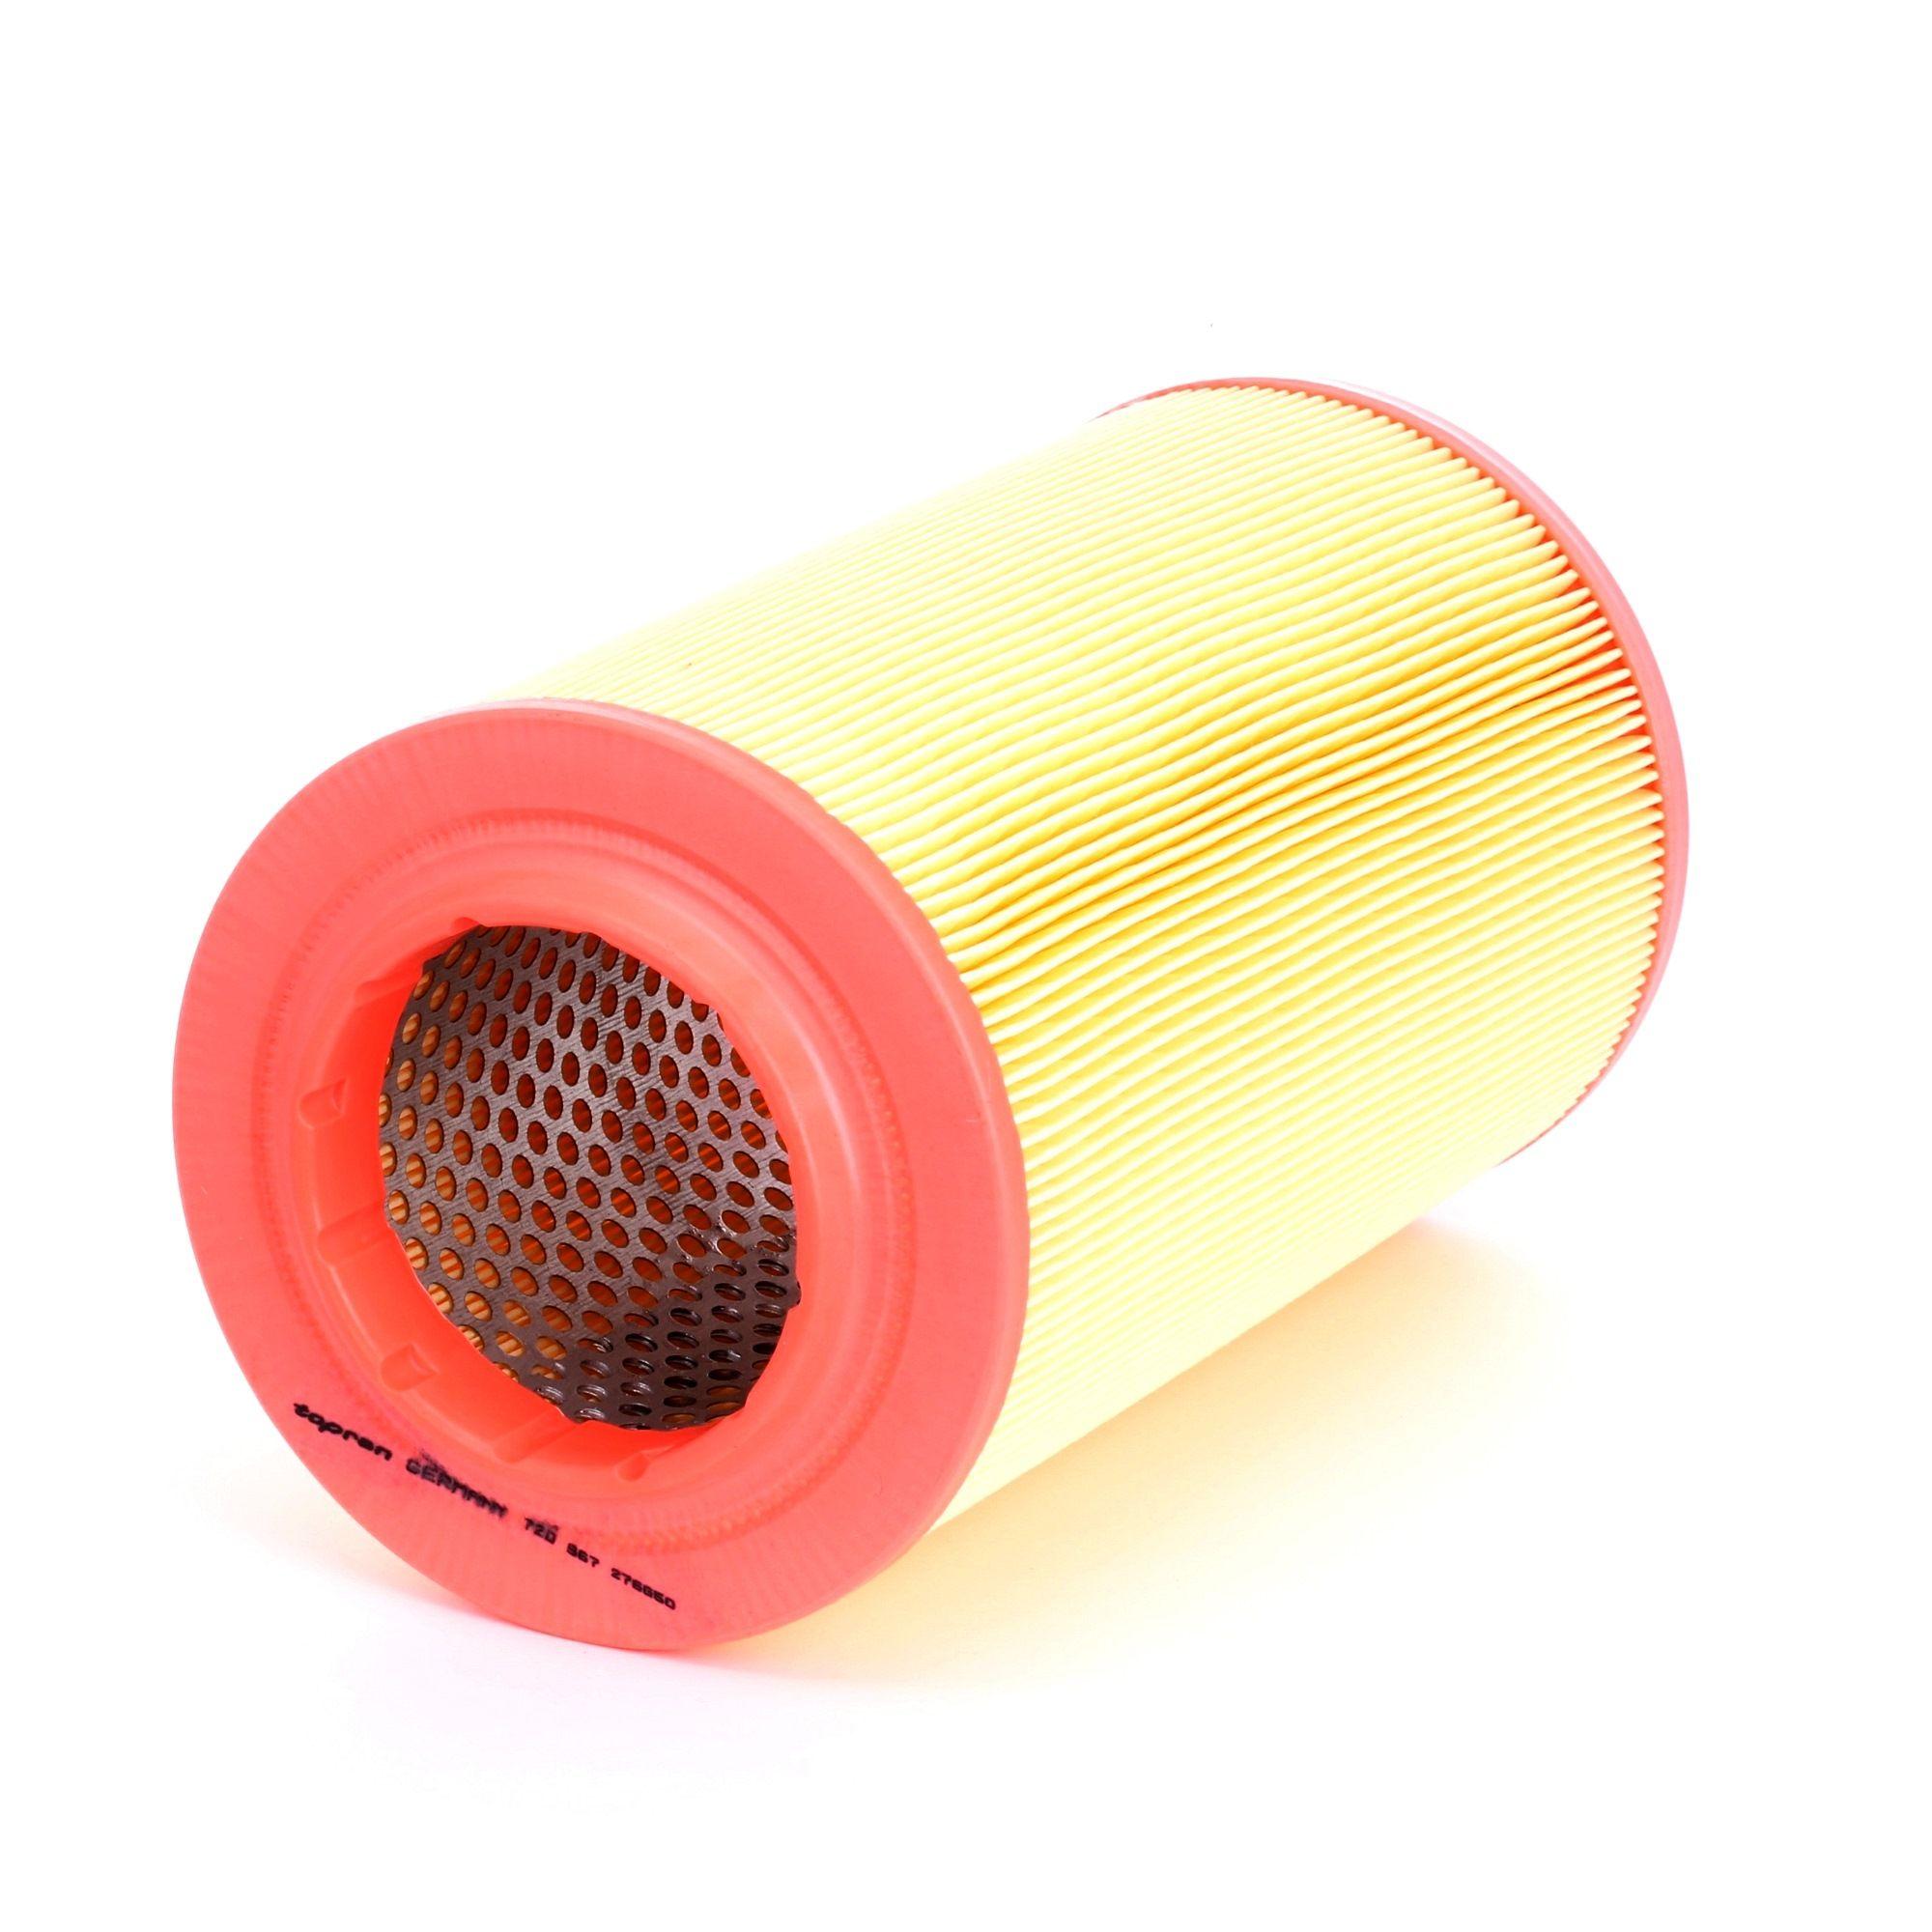 Zracni filter 720 967 TOPRAN - samo novi deli